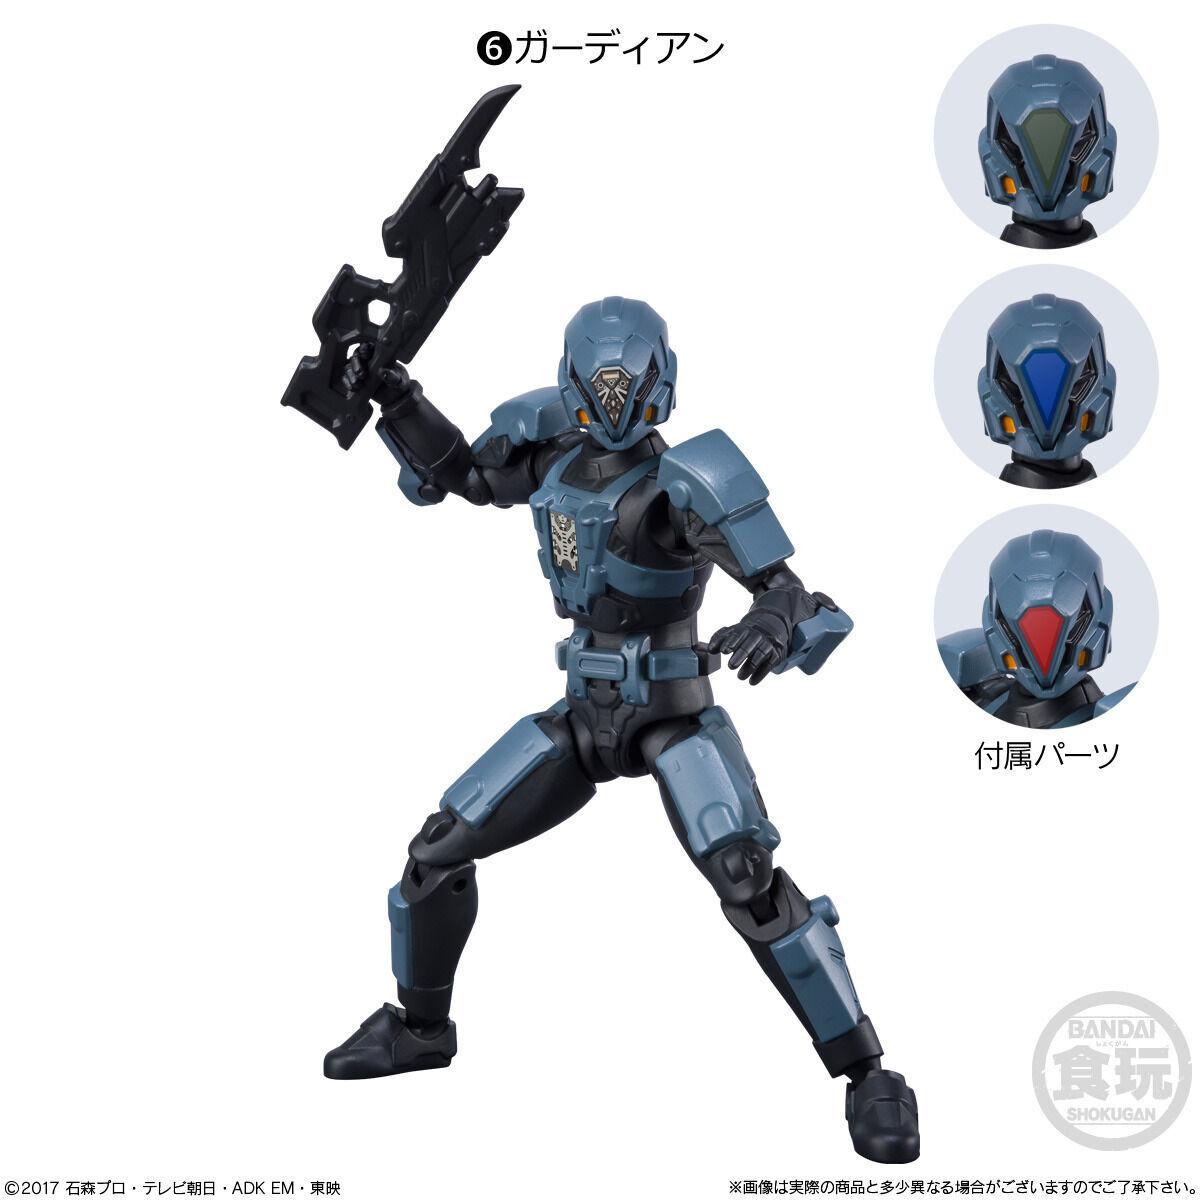 【食玩】SHODO-O『仮面ライダー8』可動フィギュア 10個入りBOX-007